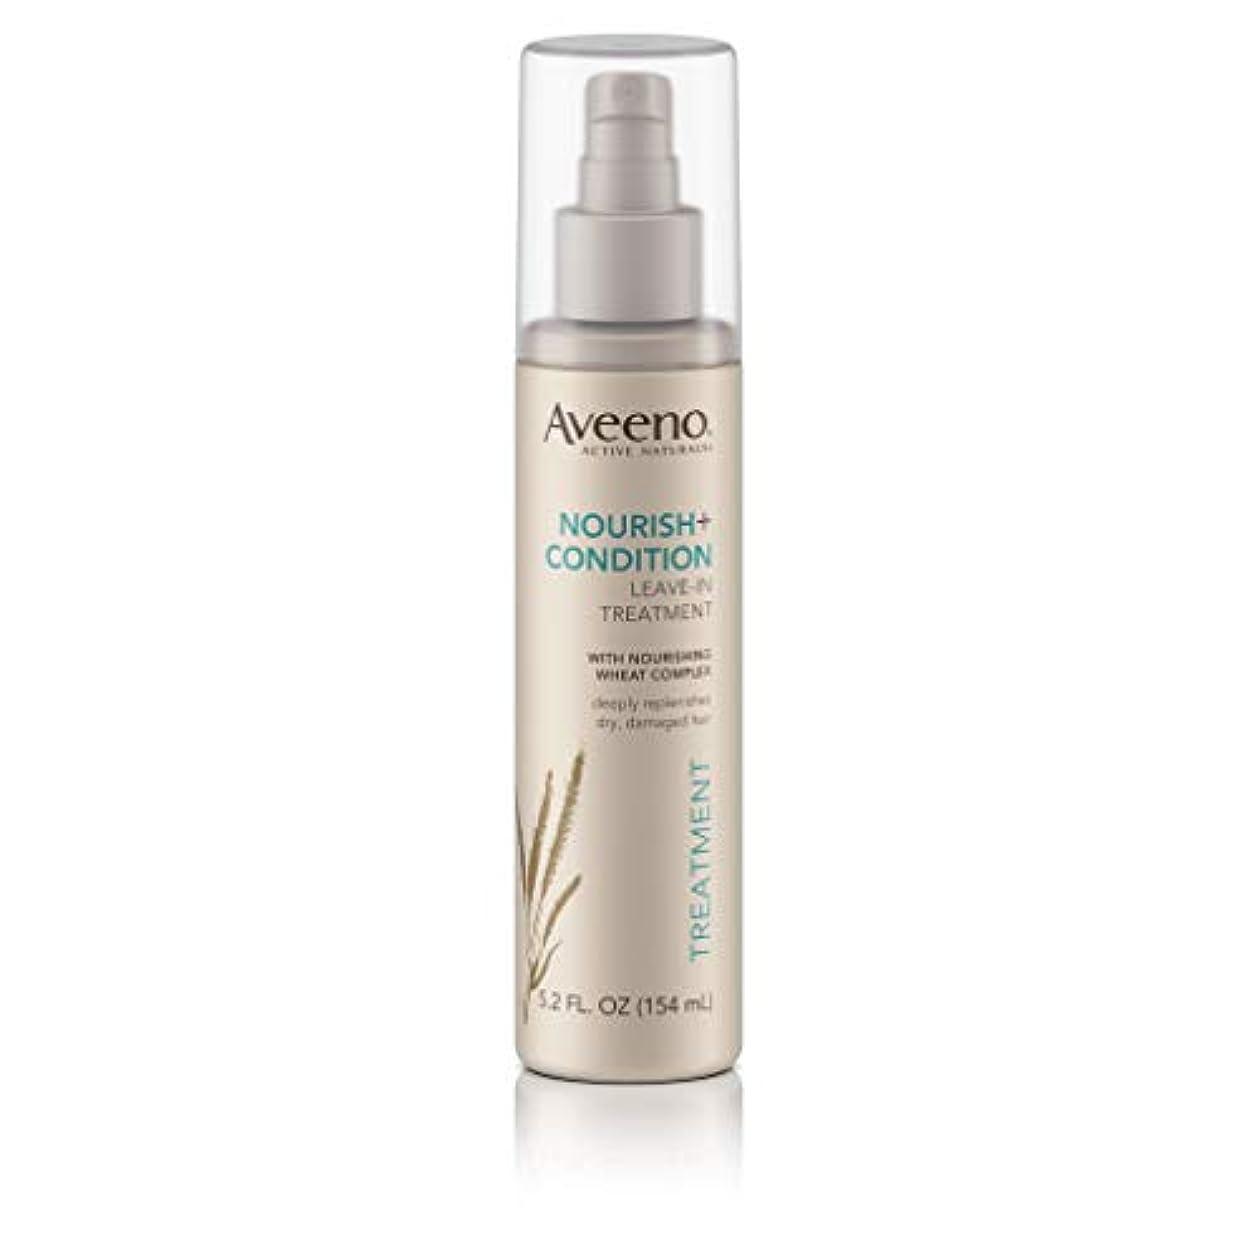 マリンお祝いオートAveeno Nourish+ Condition Treatment Spray 150g (並行輸入品)